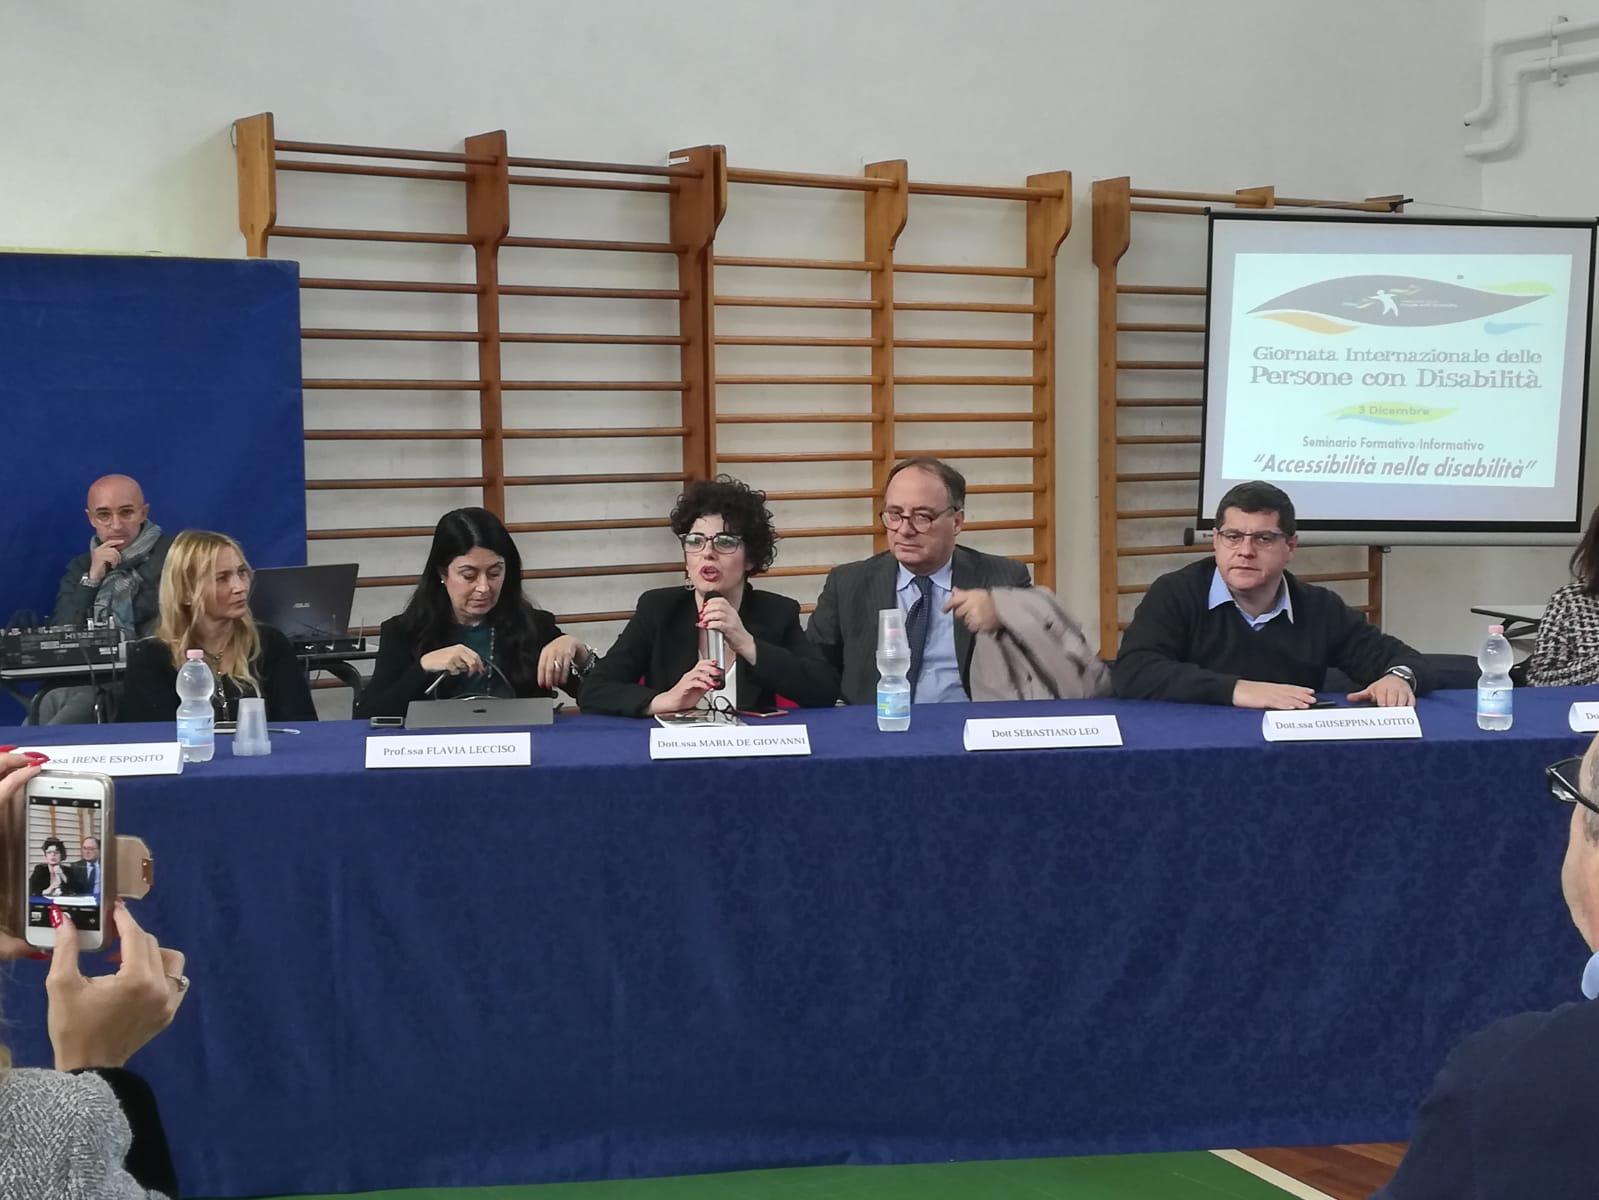 Maria De Giovanni relatrice sul seminario della disabilità  a Brindisi